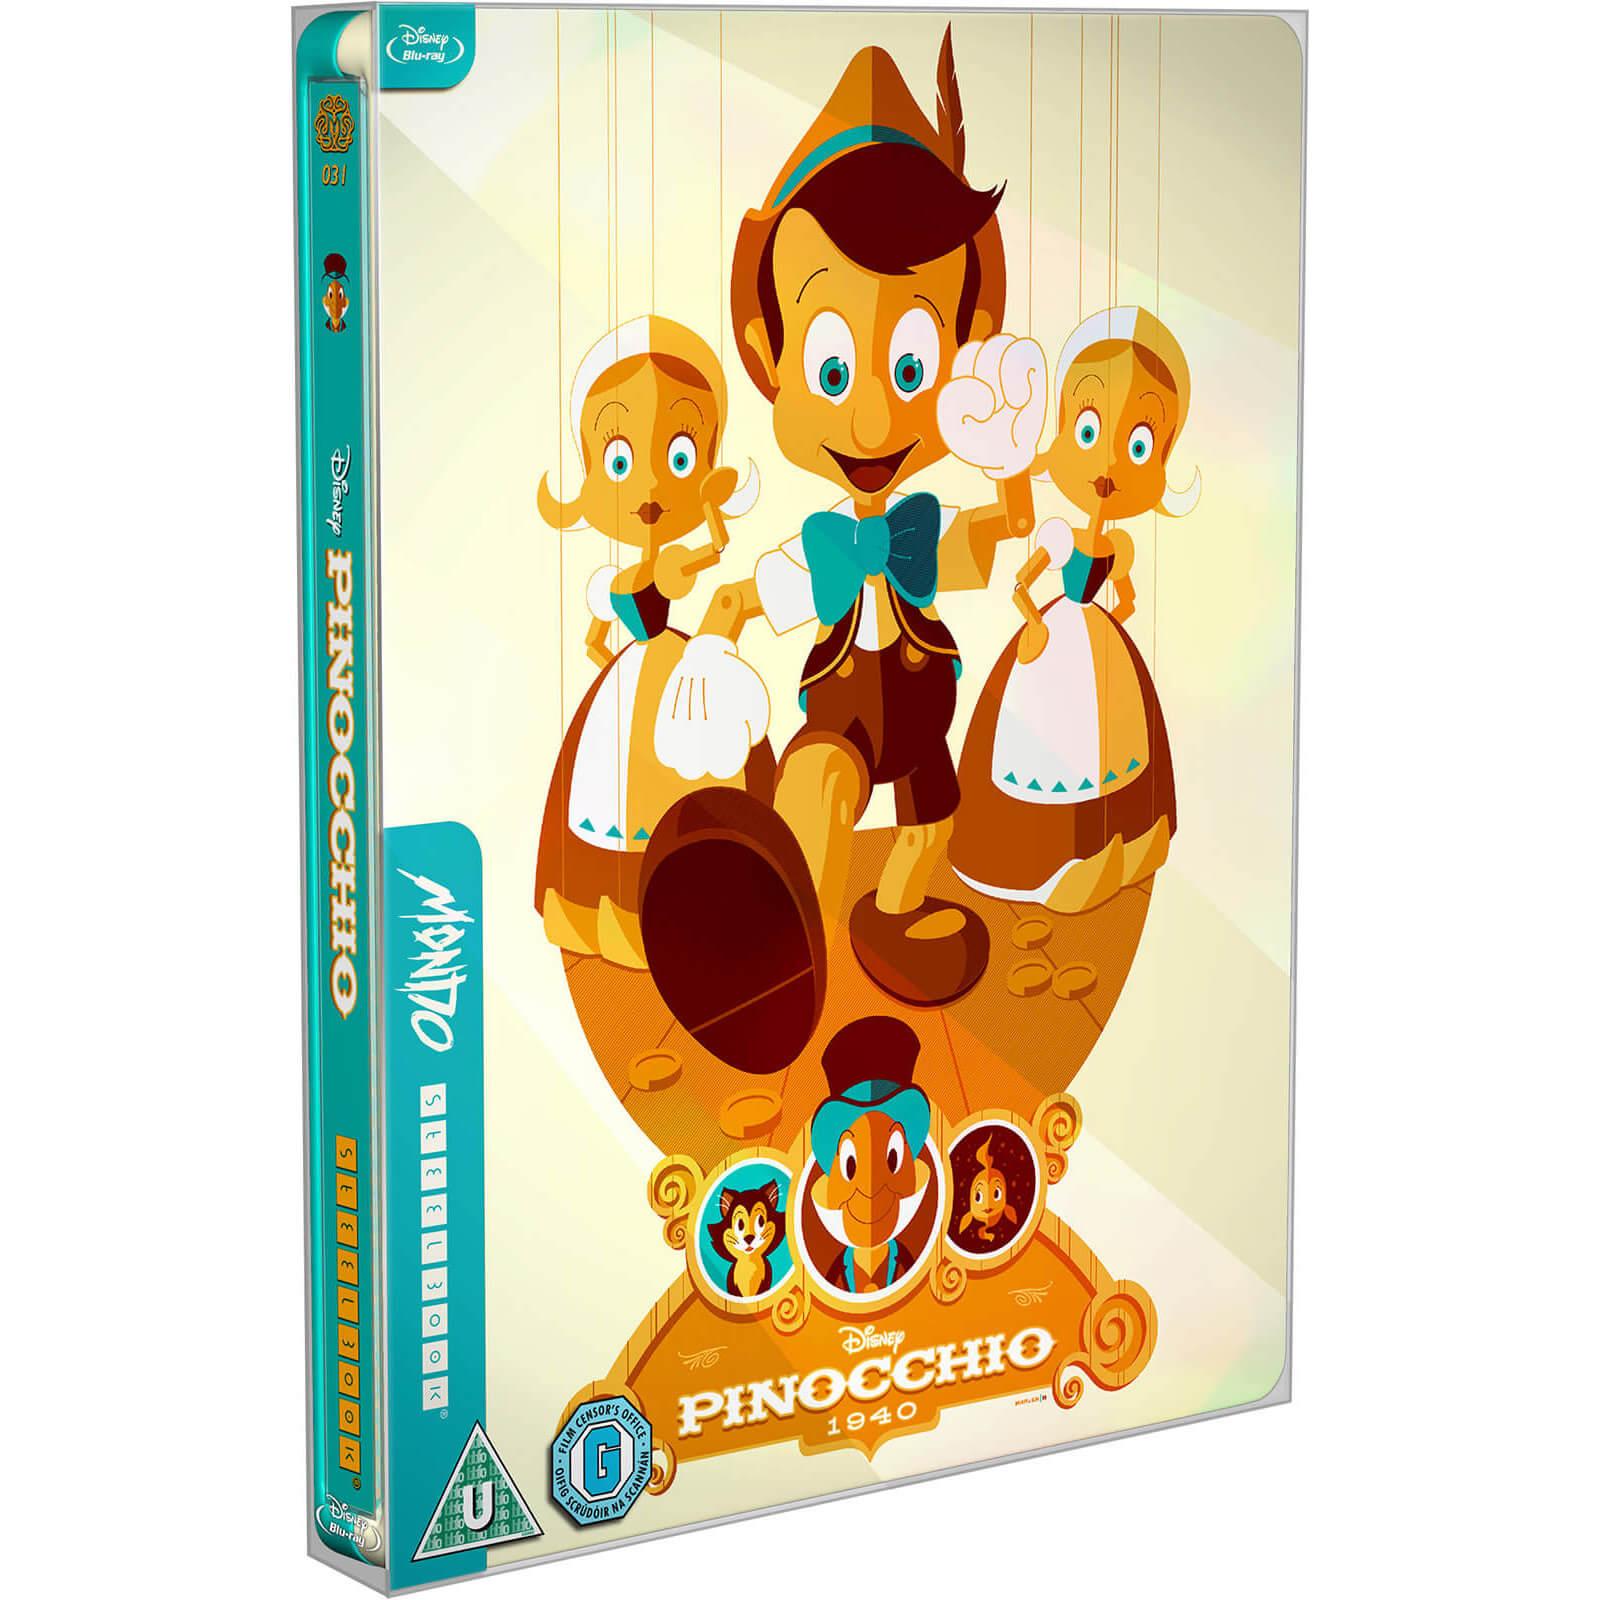 Steelbook de 'Pinocho'